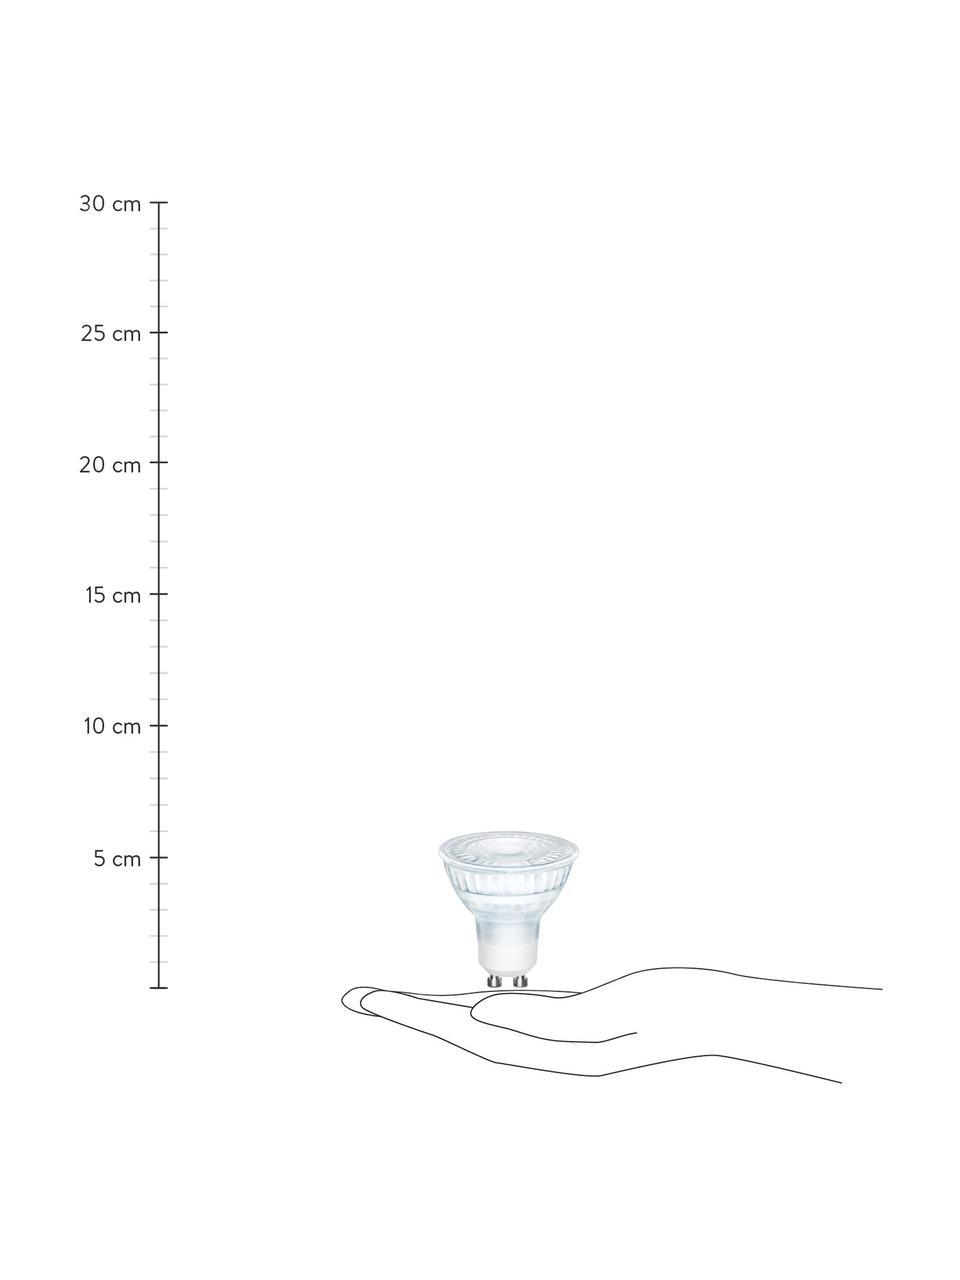 Żarówka z funkcją przyciemniania GU10/5W, ciepła biel, 3 szt., Transparentny, Ø 5 x W 6 cm